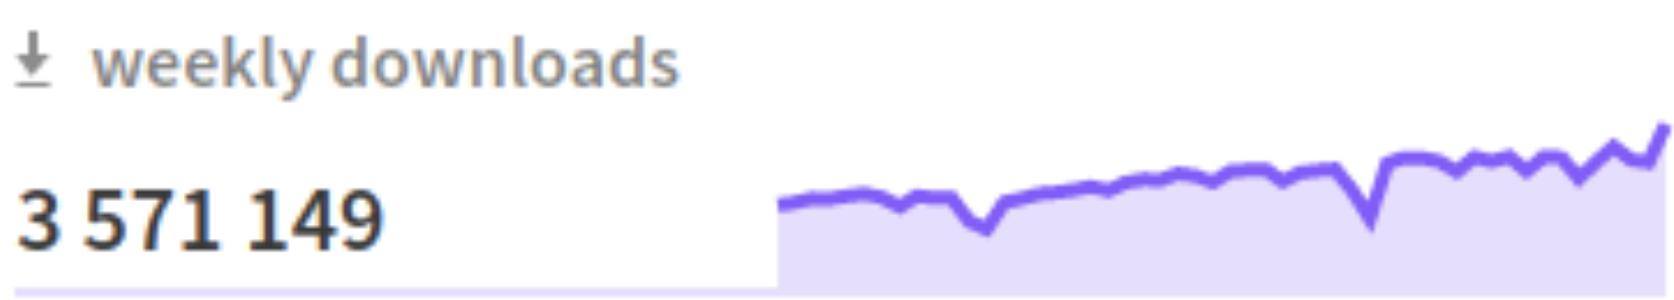 Graphique représentant les téléchargements mensuels de React.js avec le chiffre de 5 571 149